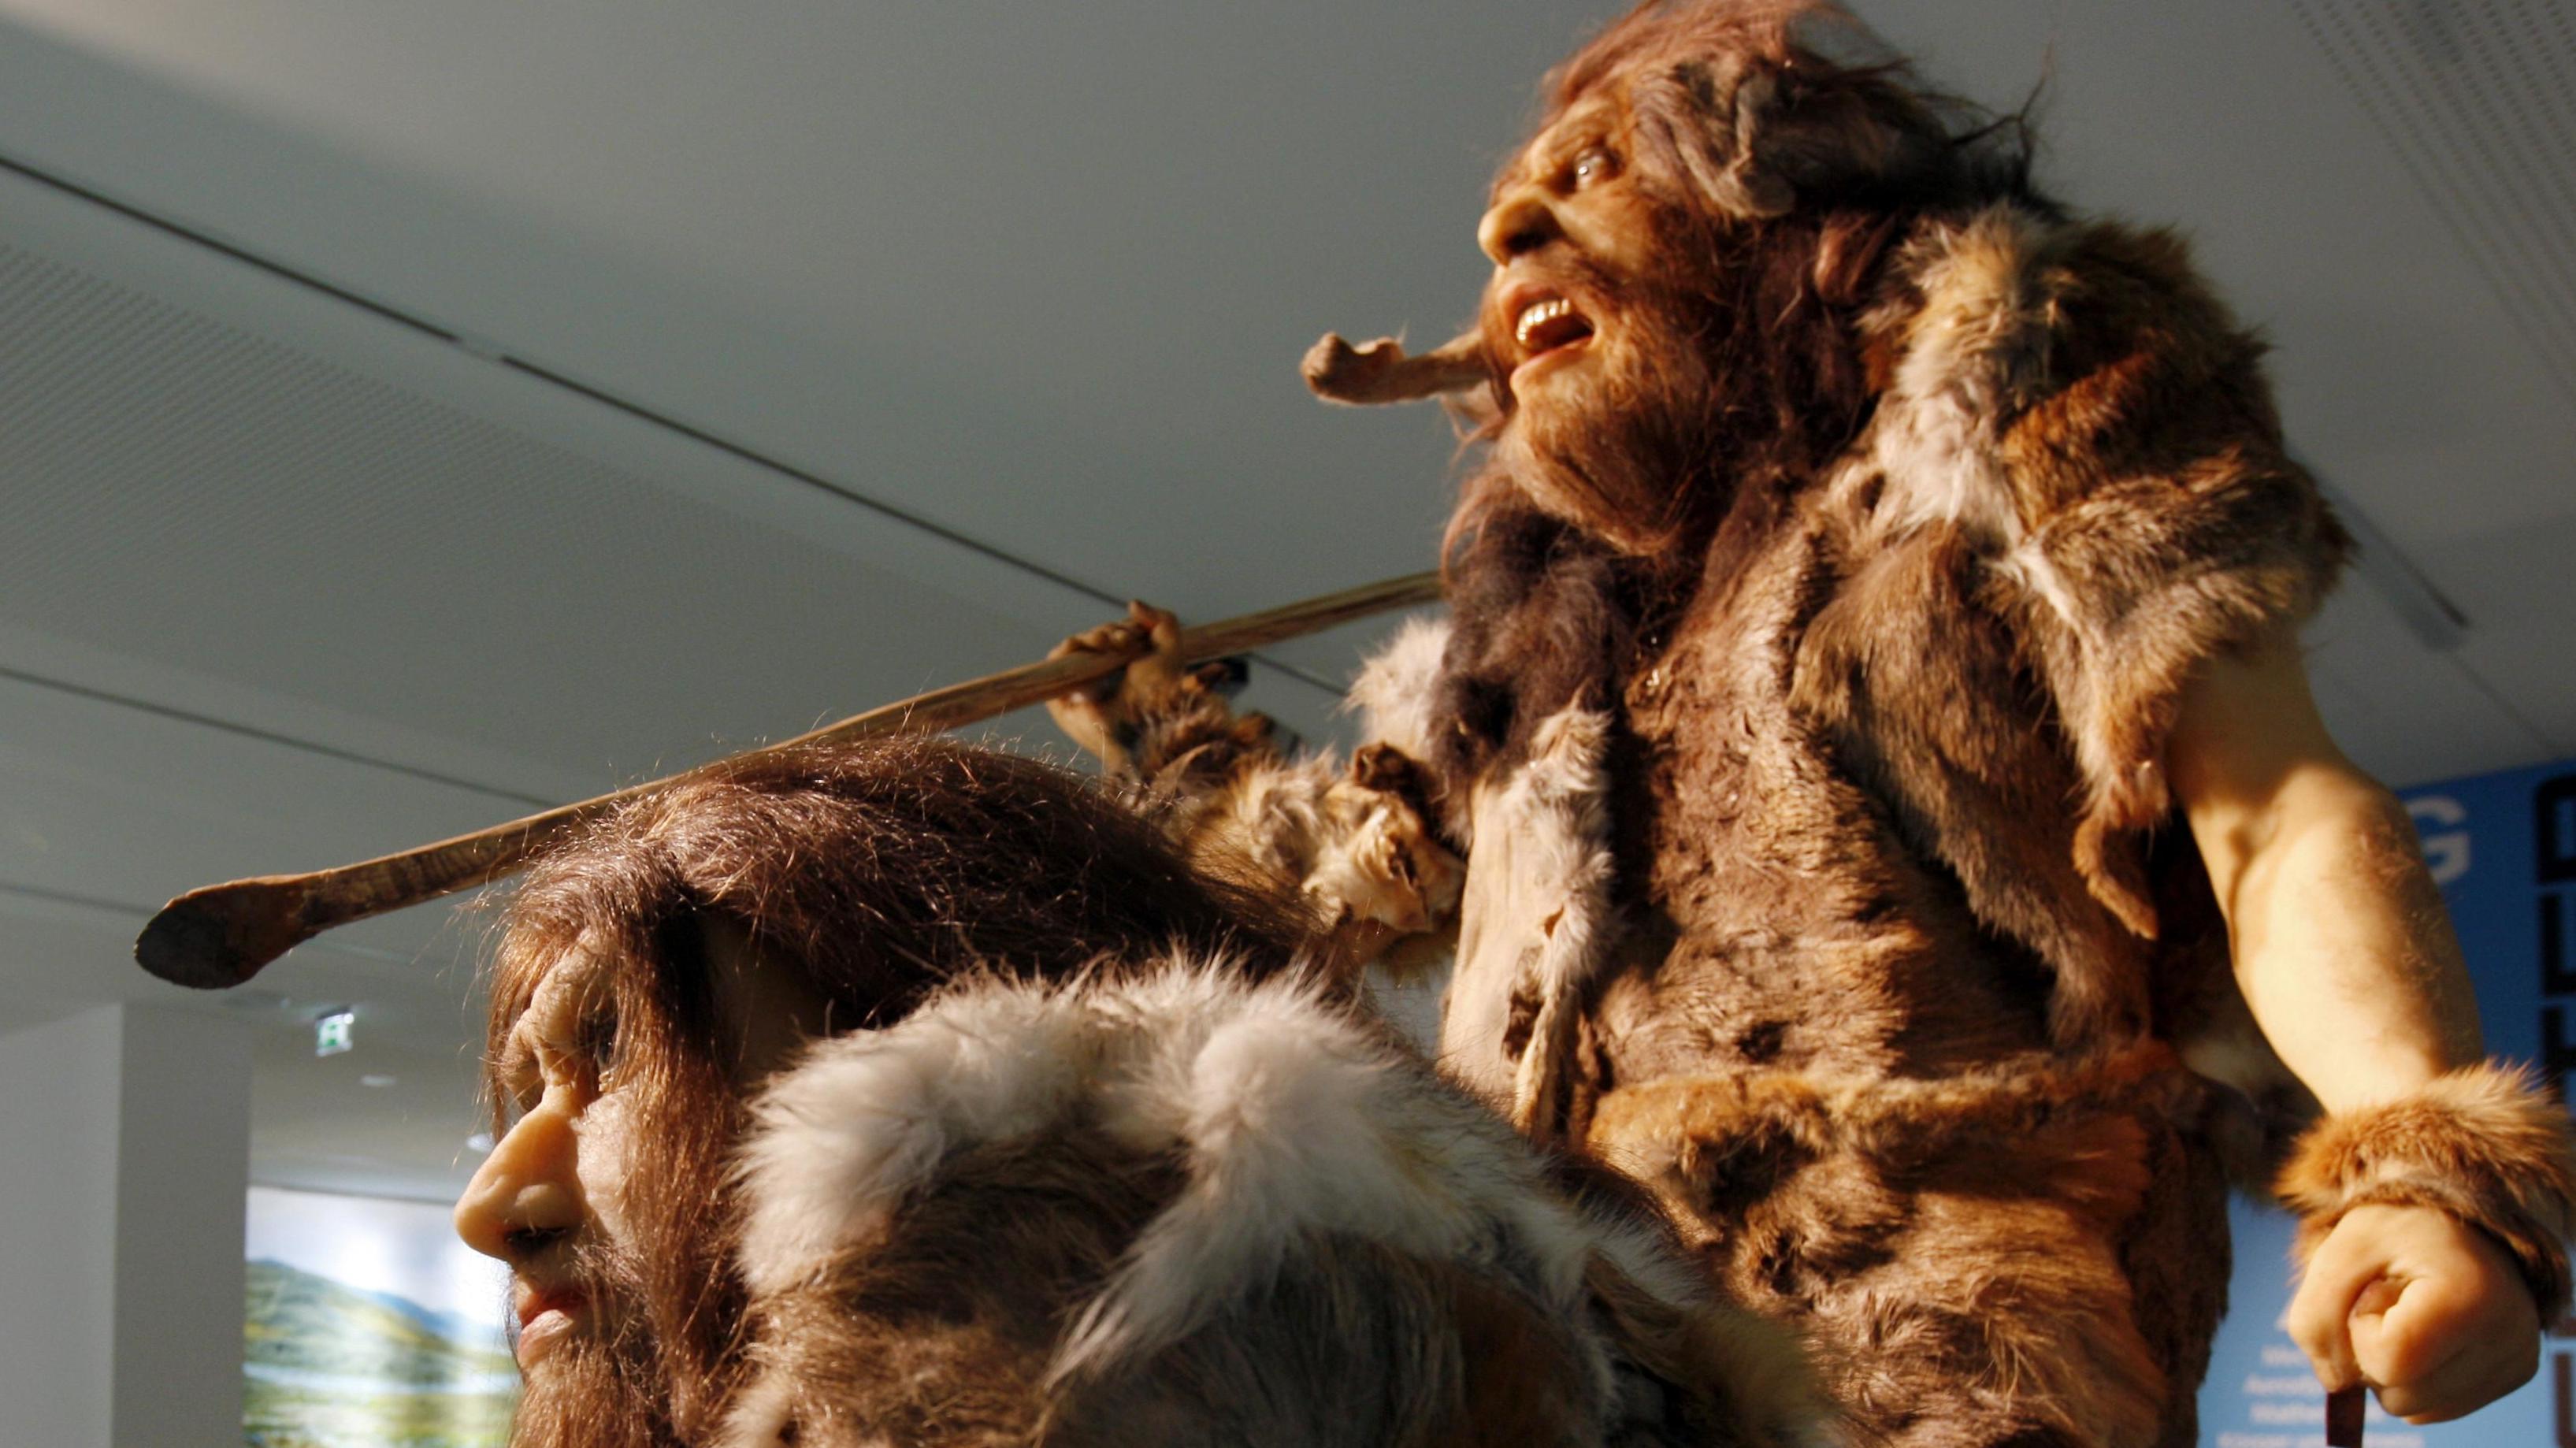 Nachbildungen von Neandertalern aus einer Neandertaler-Ausstellung im Haus der Natur in Salzburg.